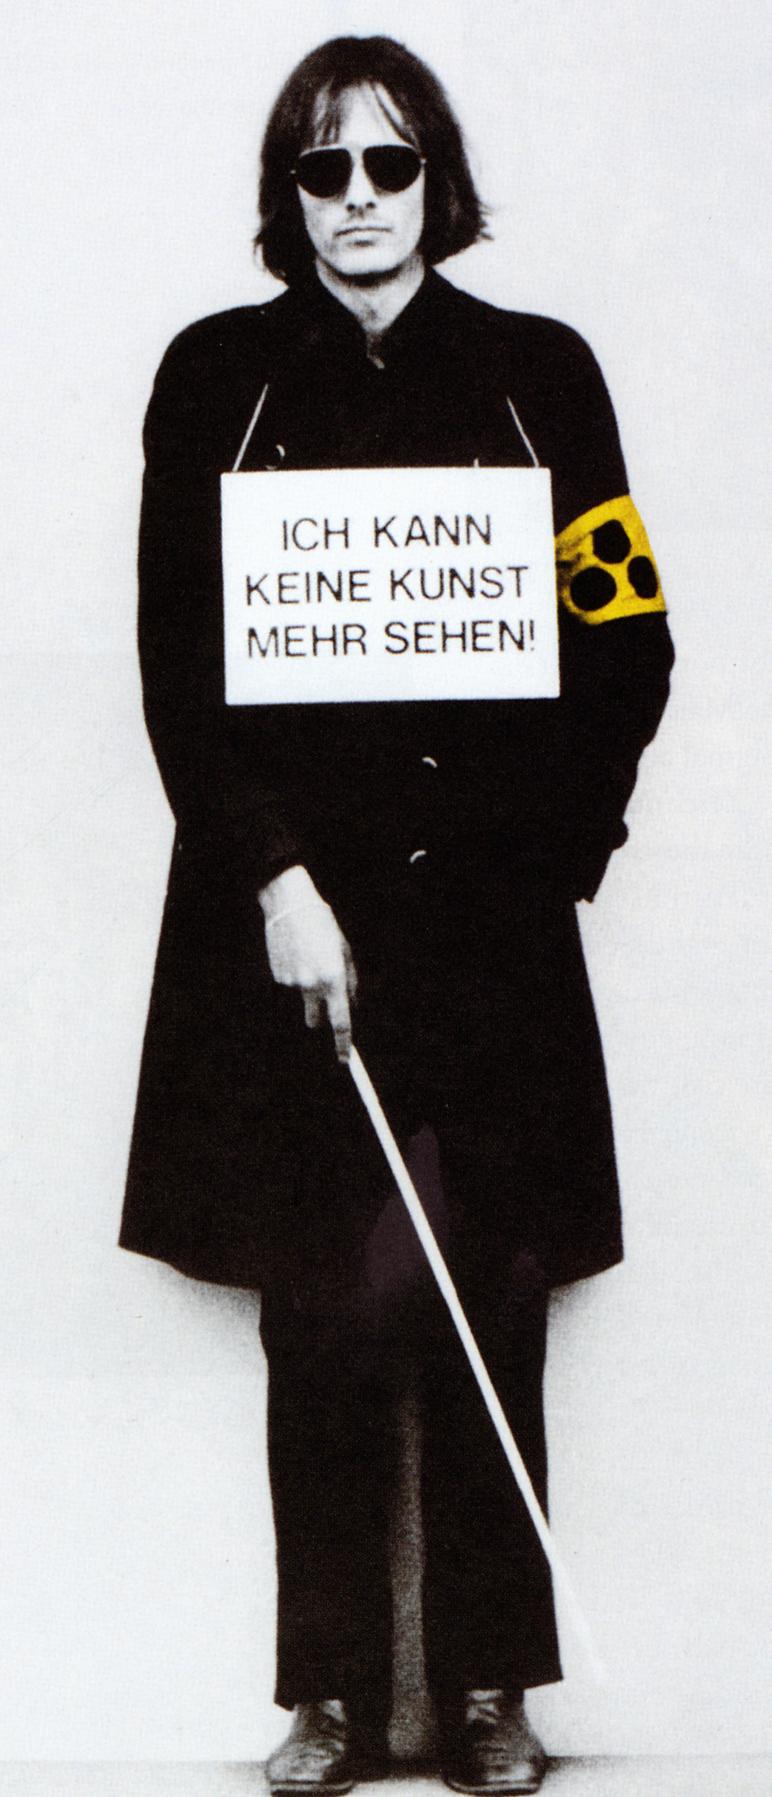 Timm ulrichs aktion sich selbst auszustellen 1975